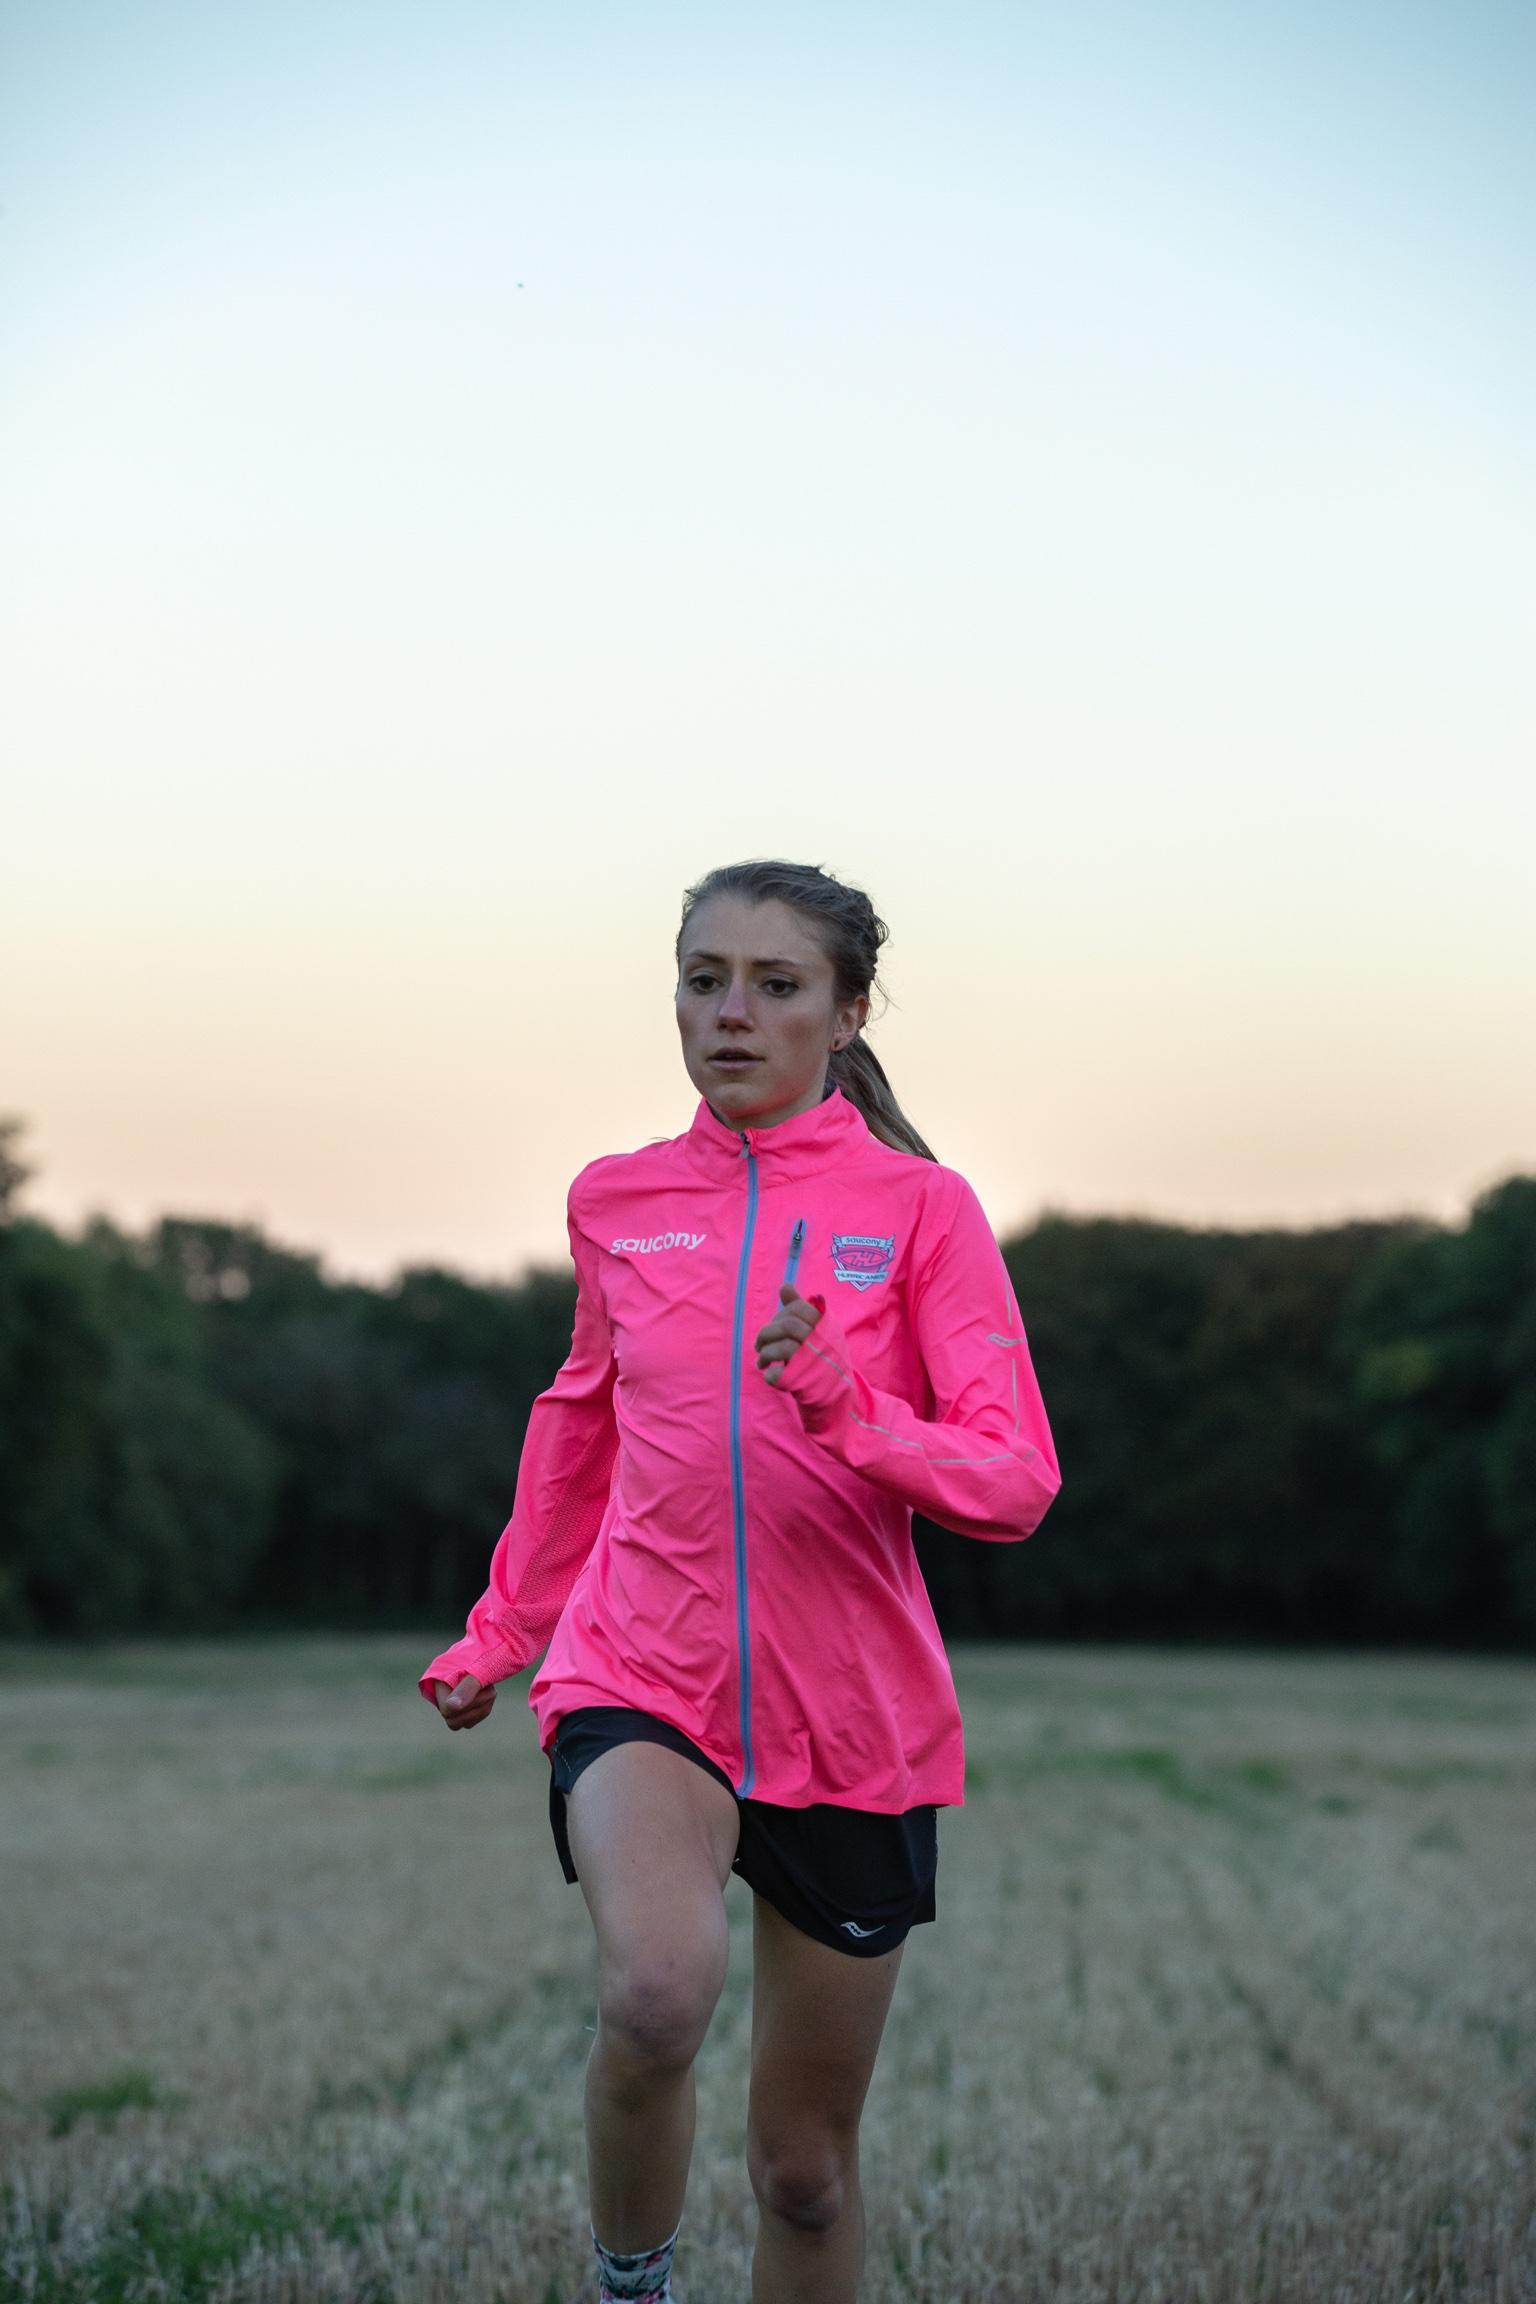 Anna_Running-49.jpg